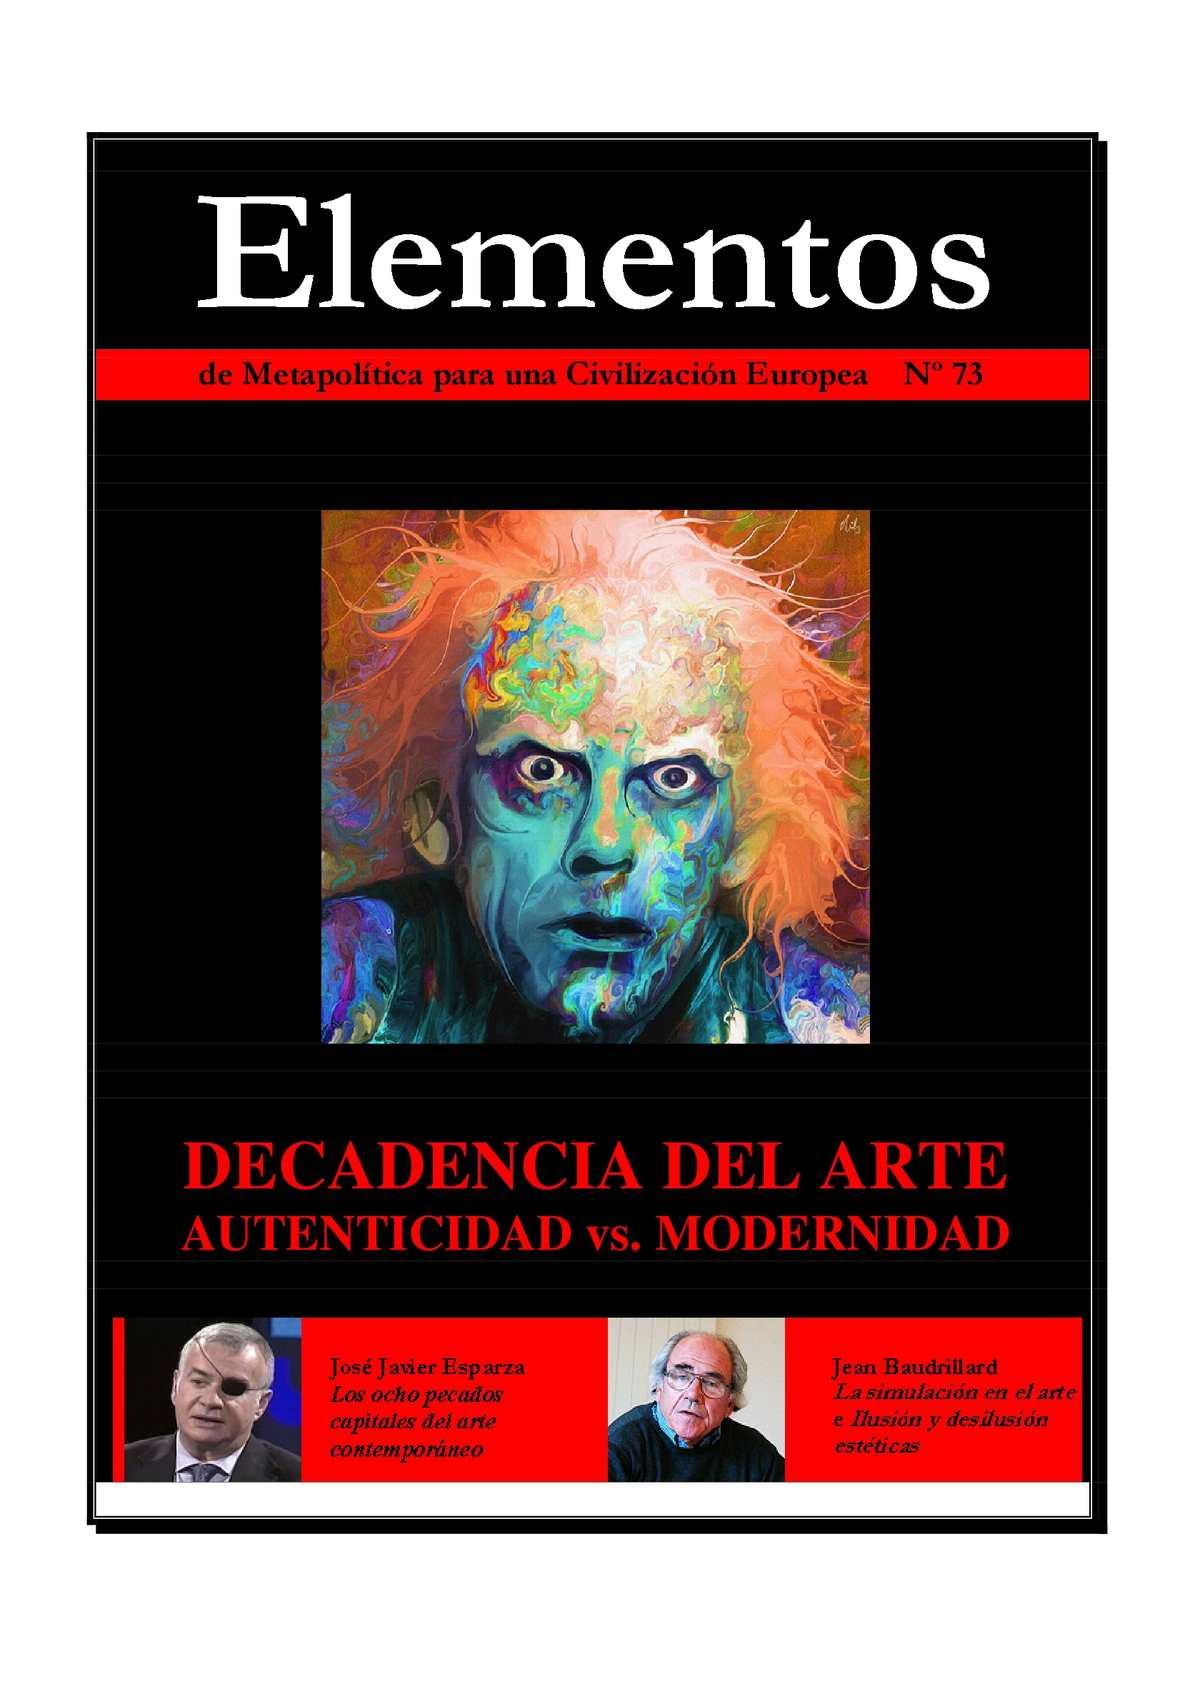 Calaméo - Elementos 73   La decadencia del arte - autenticidad vs.  modernidad 316195385ee